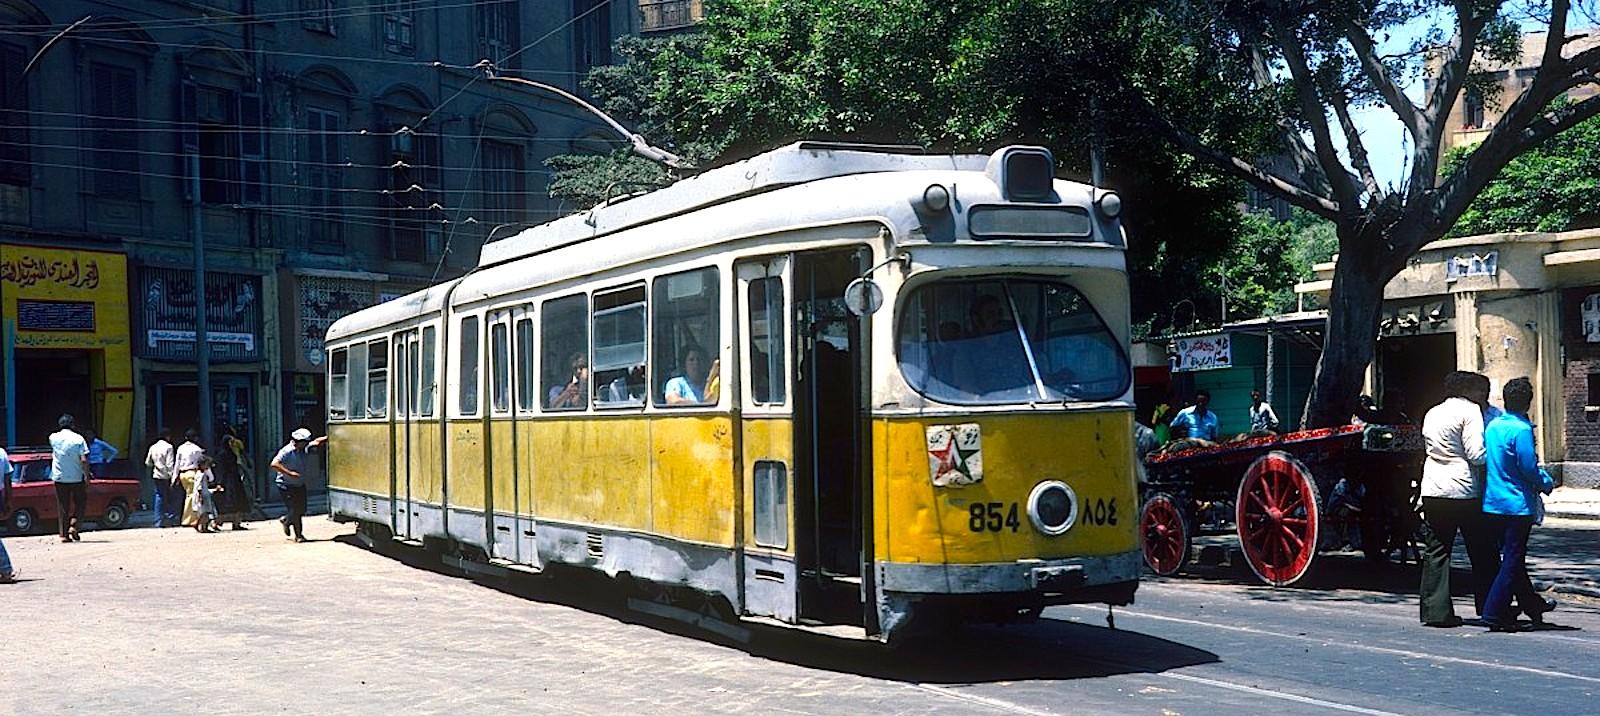 Трамвайная сеть Александрии